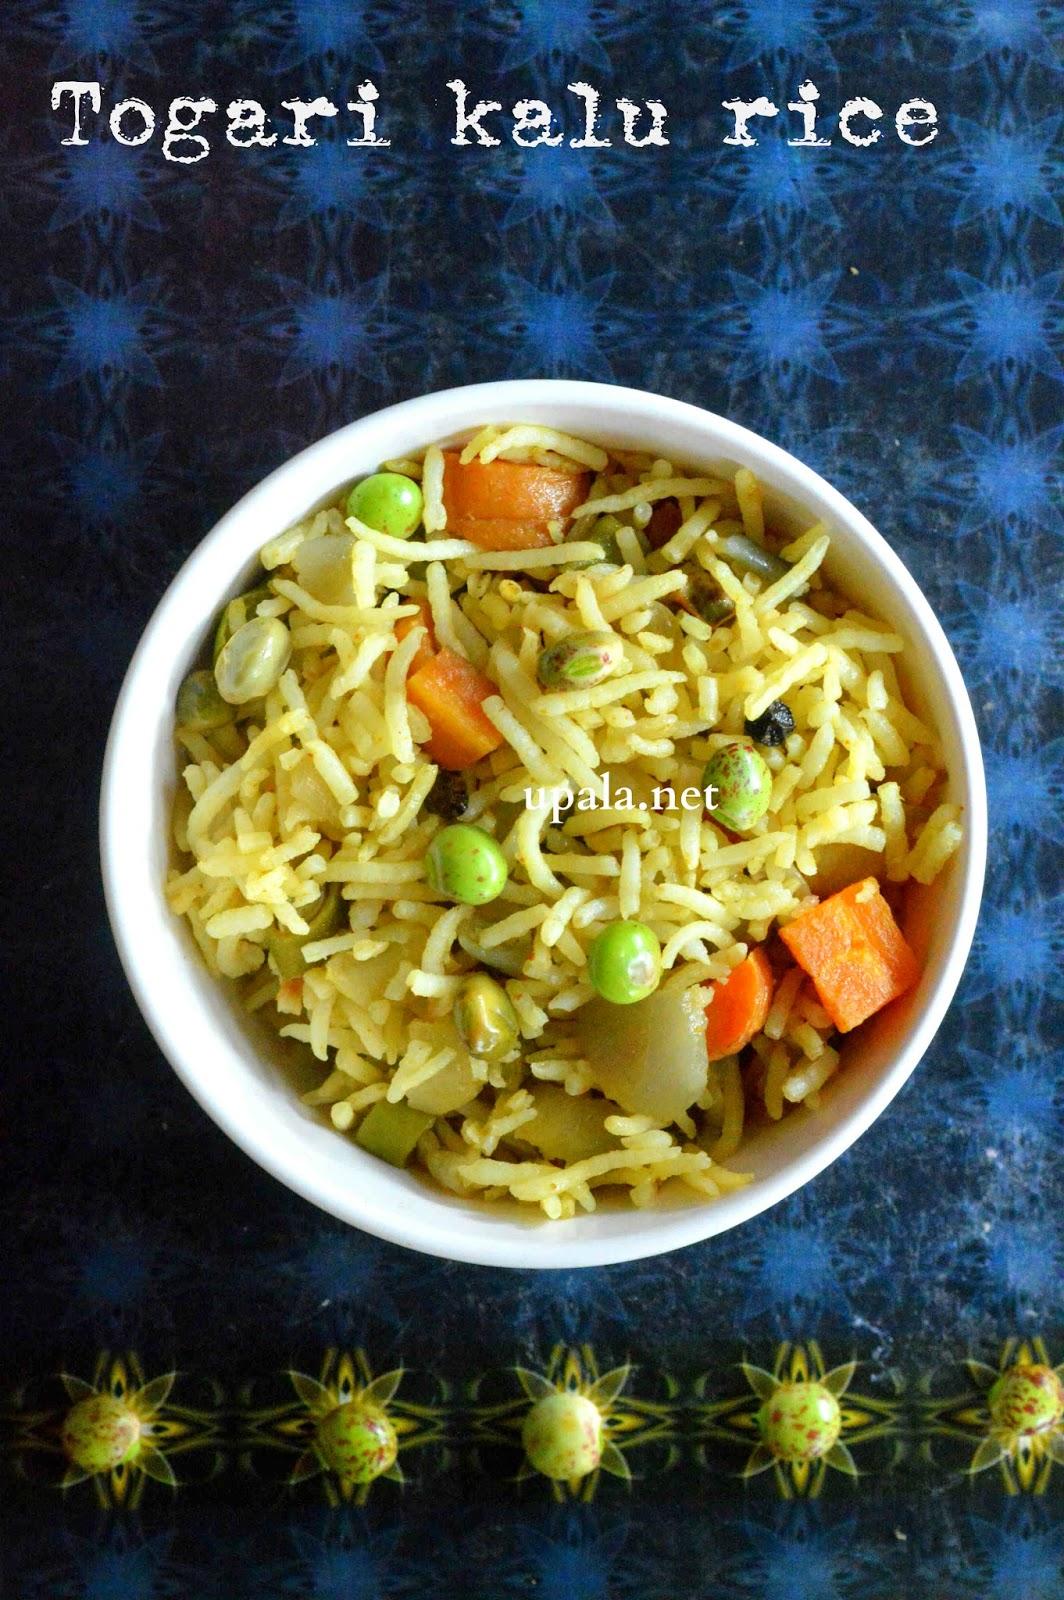 Togari kaalu rice